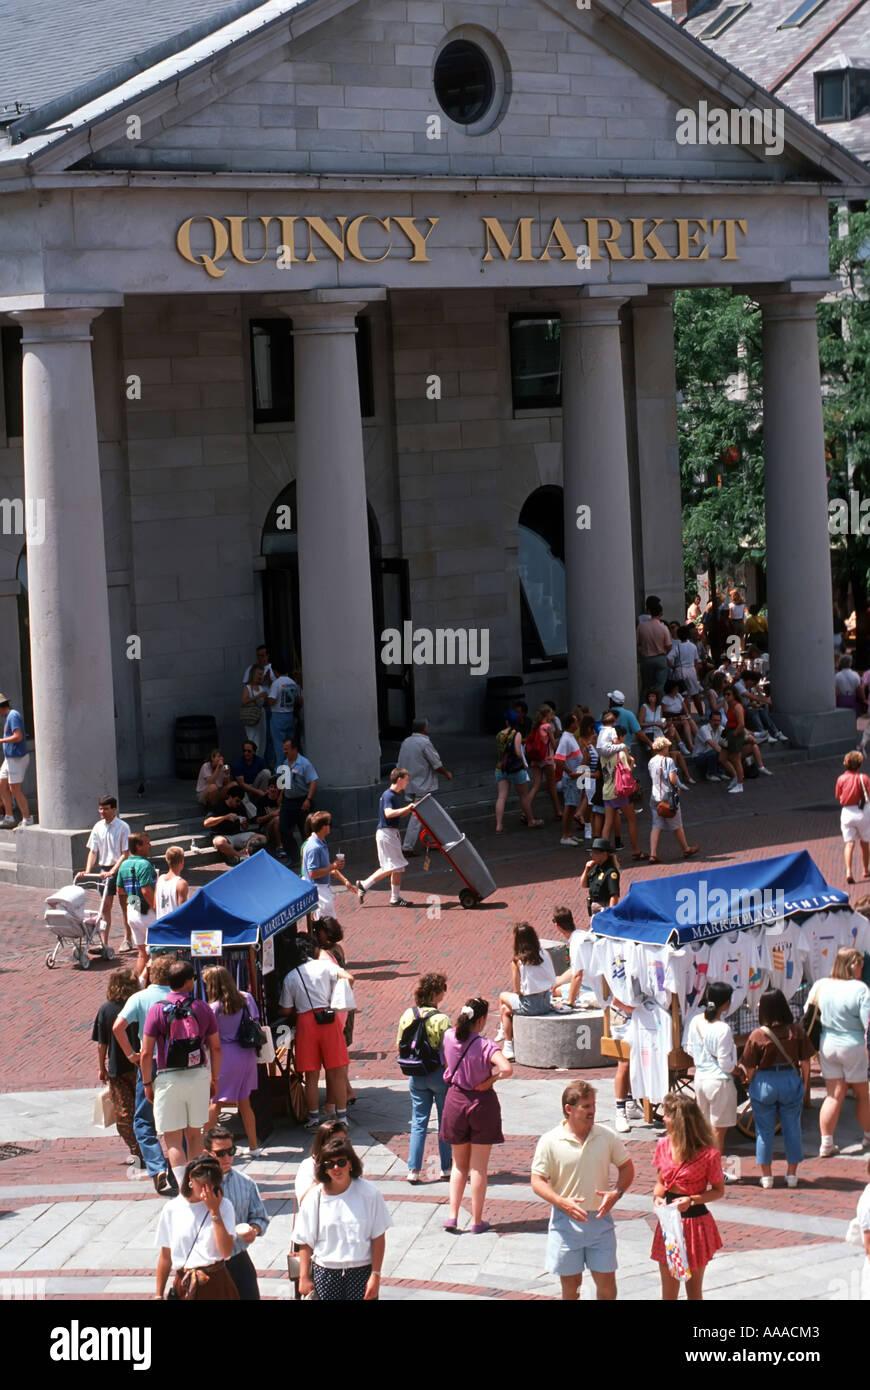 Quincy Market quartiere dello shopping area di Boston Massachusetts MA Immagini Stock